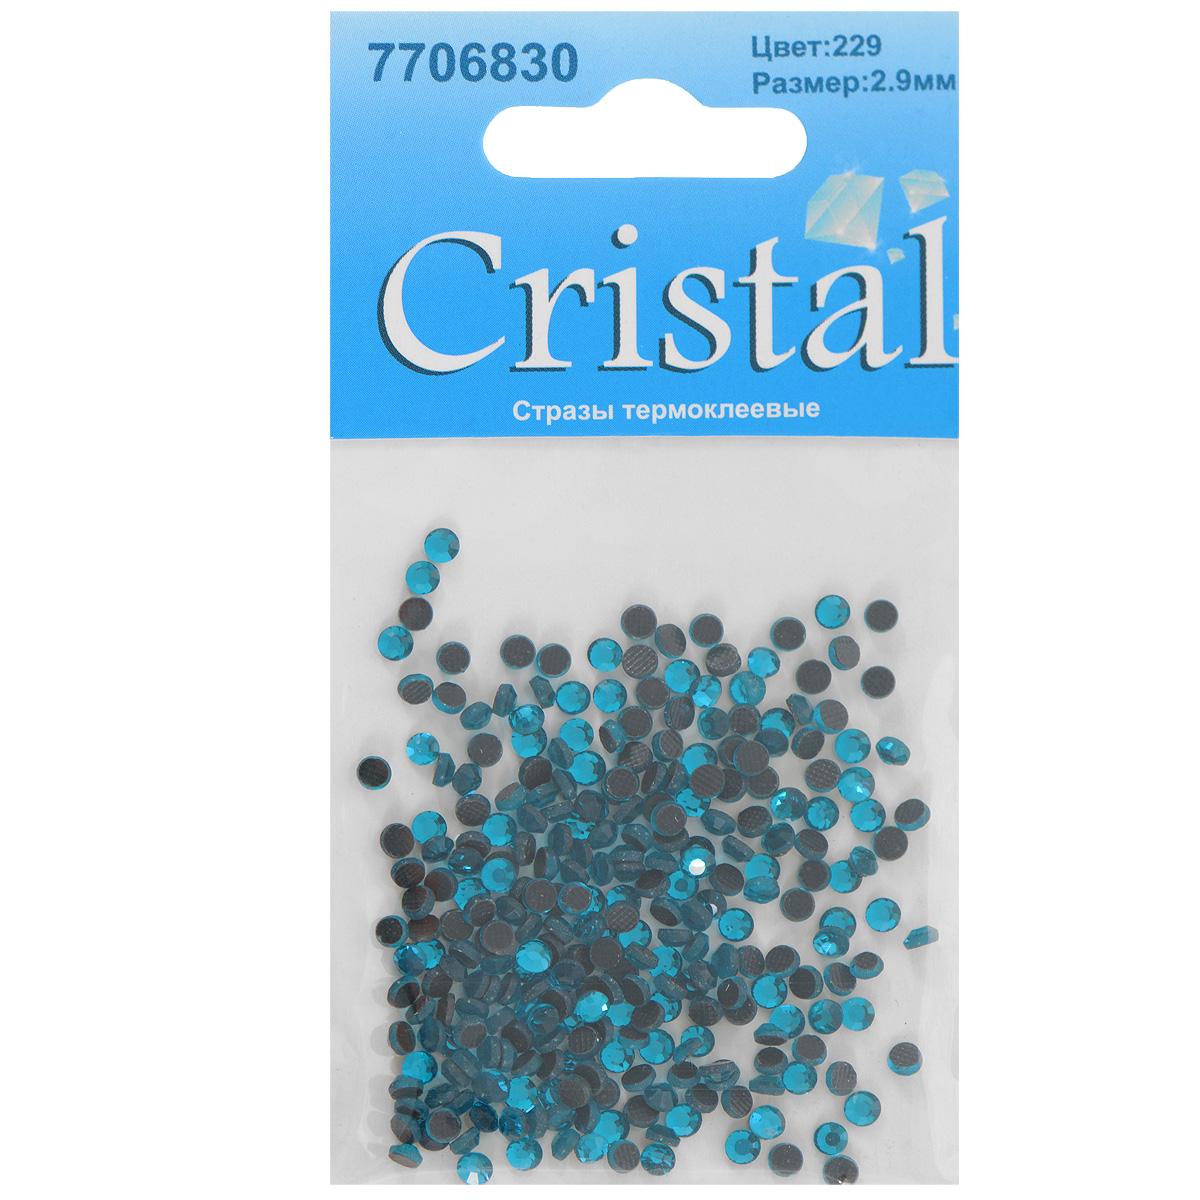 Стразы термоклеевые Cristal, цвет: бирюзовый (229), диаметр 2,9 мм, 288 штKCO-30-679498Набор термоклеевых страз Cristal, изготовленный из высококачественного акрила, позволит вам украсить одежду, аксессуары или текстиль. Яркие стразы имеют плоское дно и круглую поверхность с гранями.Дно термоклеевых страз уже обработано особым клеем, который под воздействием высоких температур начинает плавиться, приклеиваясь, таким образом, к требуемой поверхности. Чаще всего их используют в текстильной промышленности: стразы прикладывают к ткани и проглаживают утюгом с обратной стороны. Также можно использовать специальный паяльник. Украшение стразами поможет сделать любую вещь оригинальной и неповторимой. Диаметр страз: 2,9 мм.